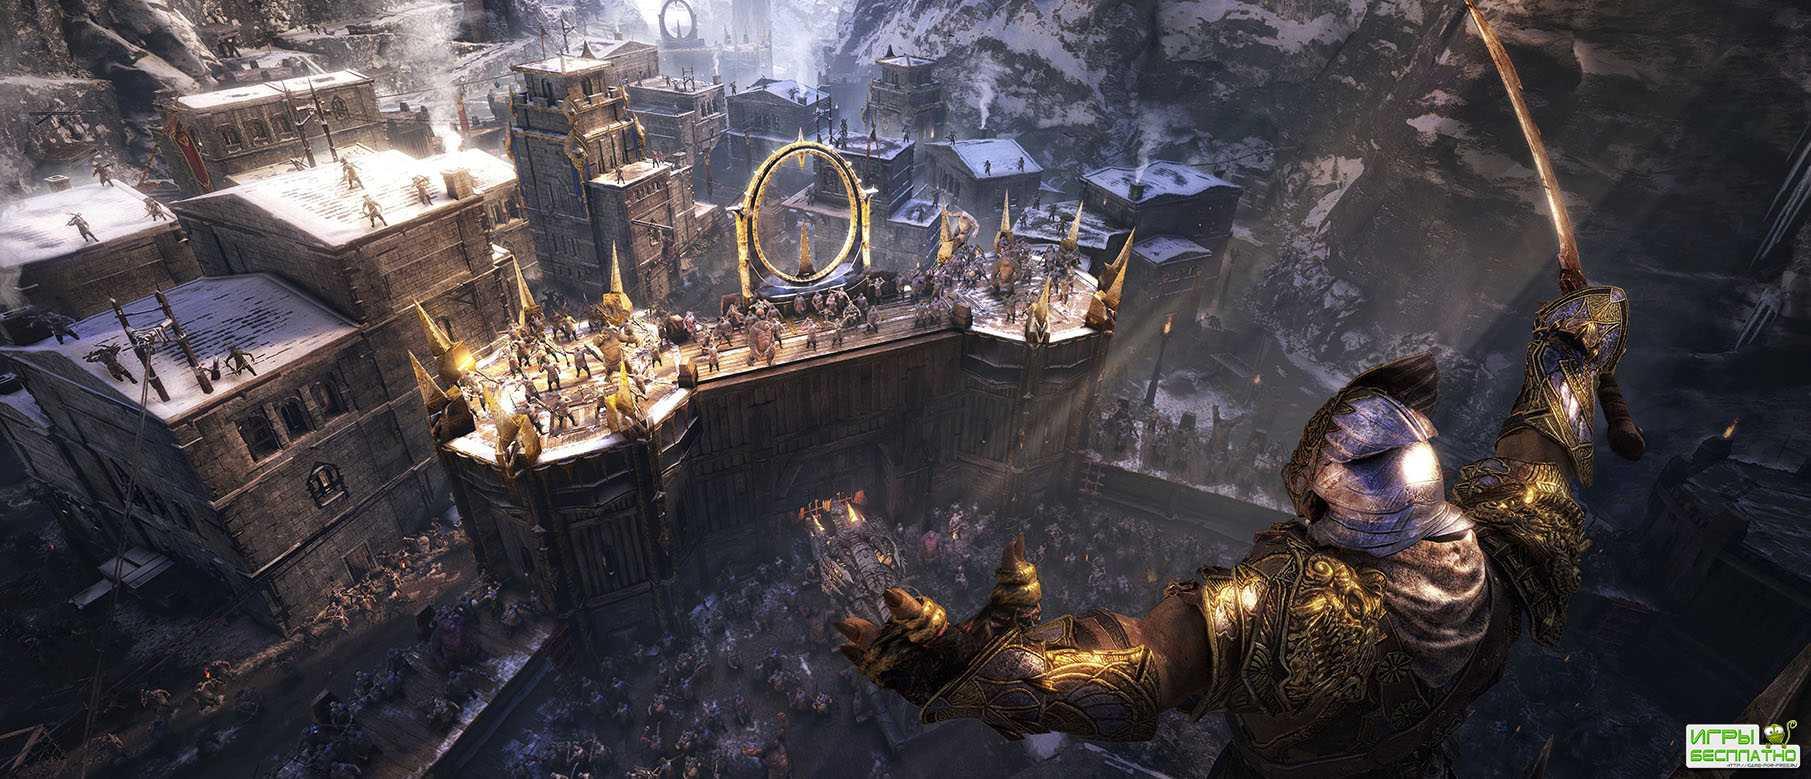 Ролик Middle-earth: Shadow of War, посвящённый улучшенной системе «Немезис»